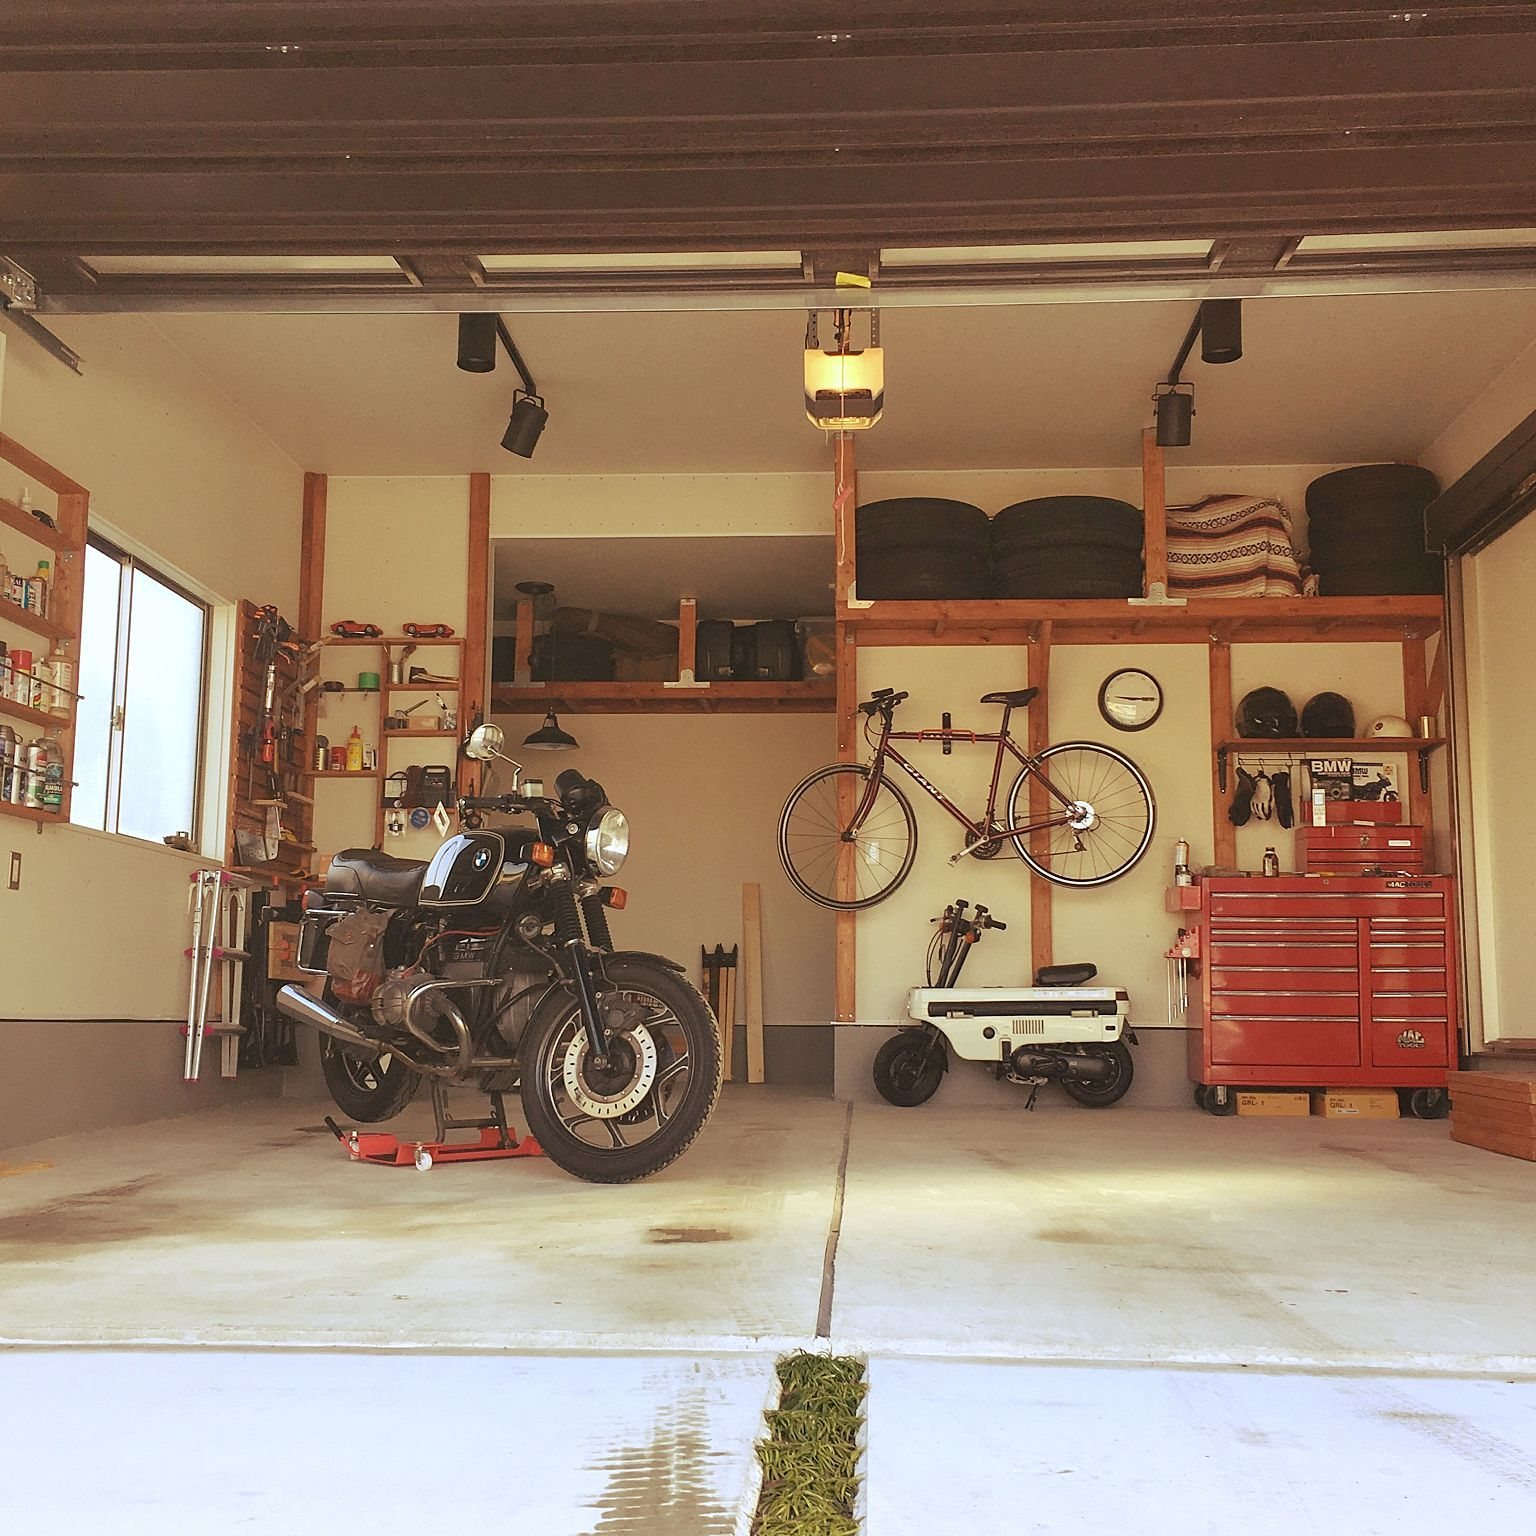 ガレージ ガレージライフ 2 4材棚 Diy 工具箱 などのインテリア実例